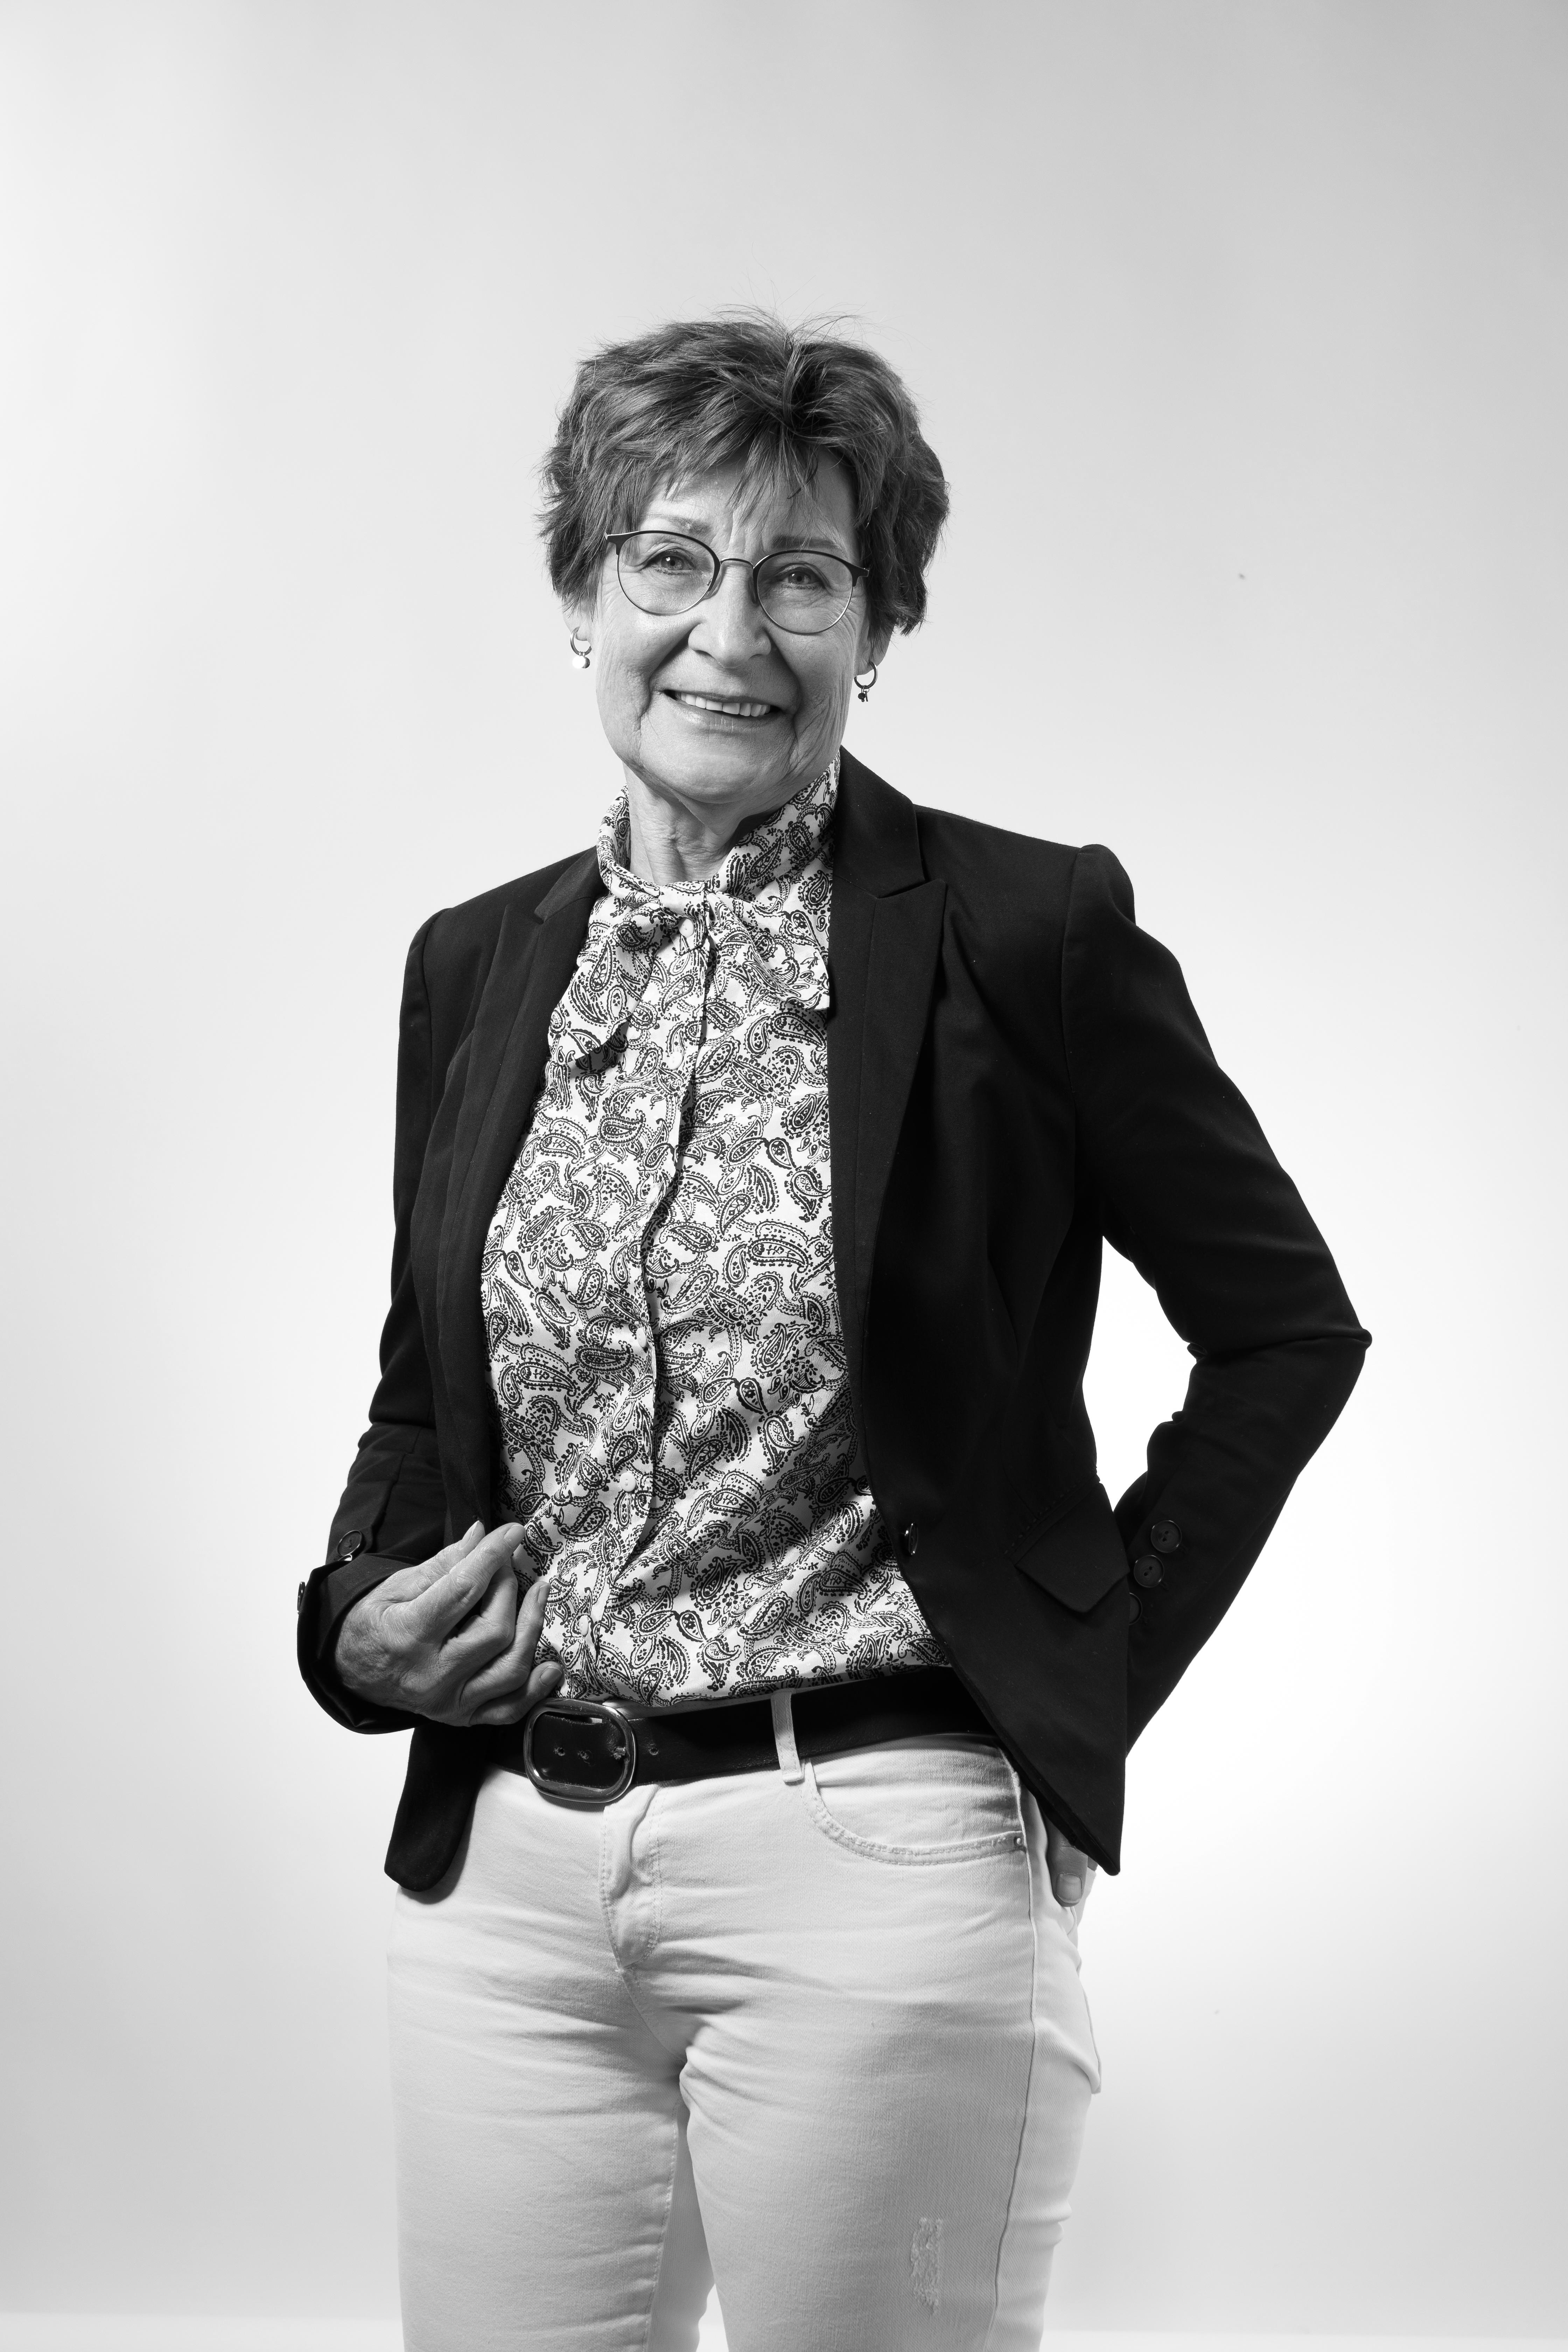 Jeanne Ramakers